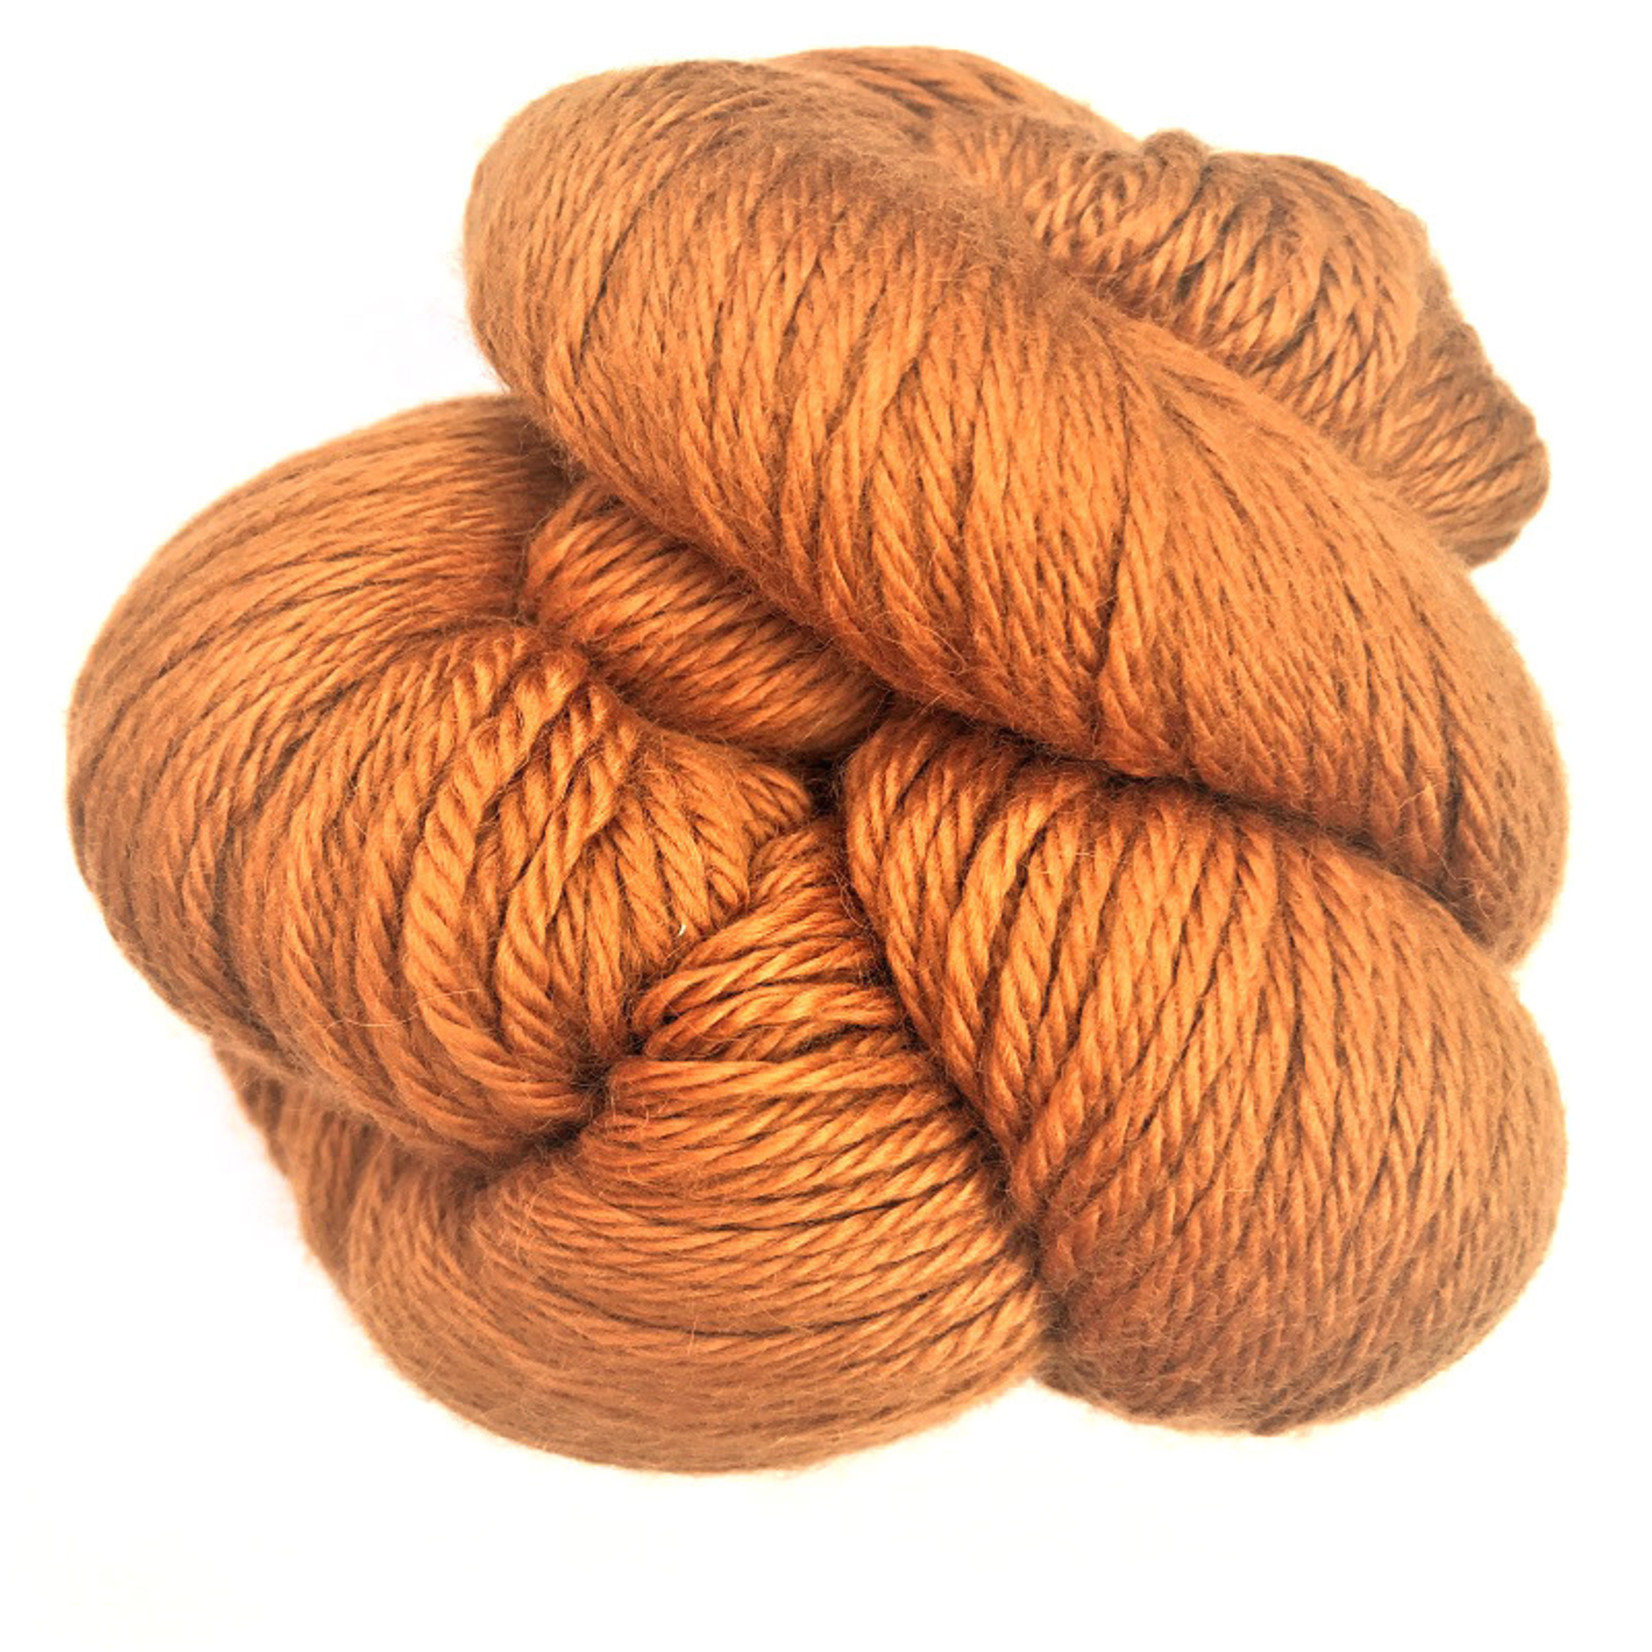 Illimani Yarn Illimani Yarn - Royal Alpaca